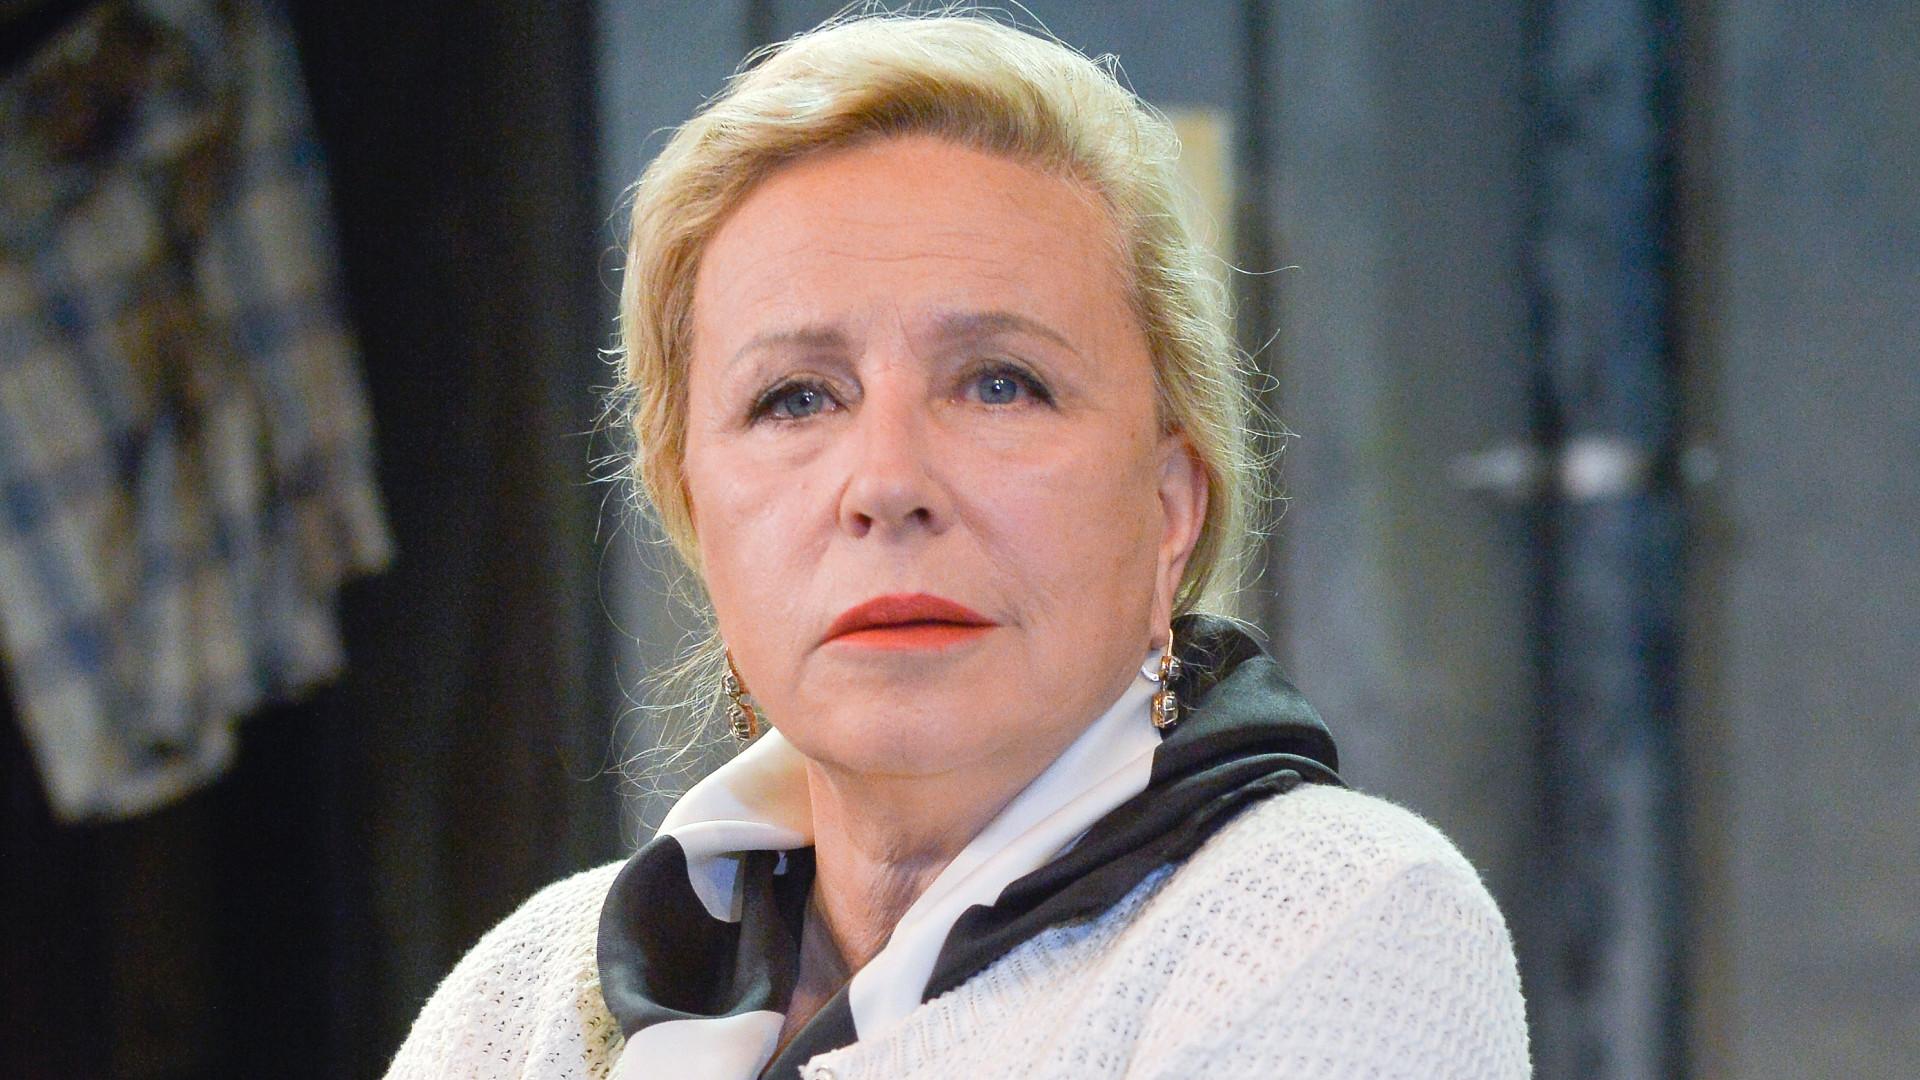 """Krystyna Janda tłumaczy się na wizji z """"afery szczepionkowej"""": """"Boje się, że spotka mnie coś złego"""""""